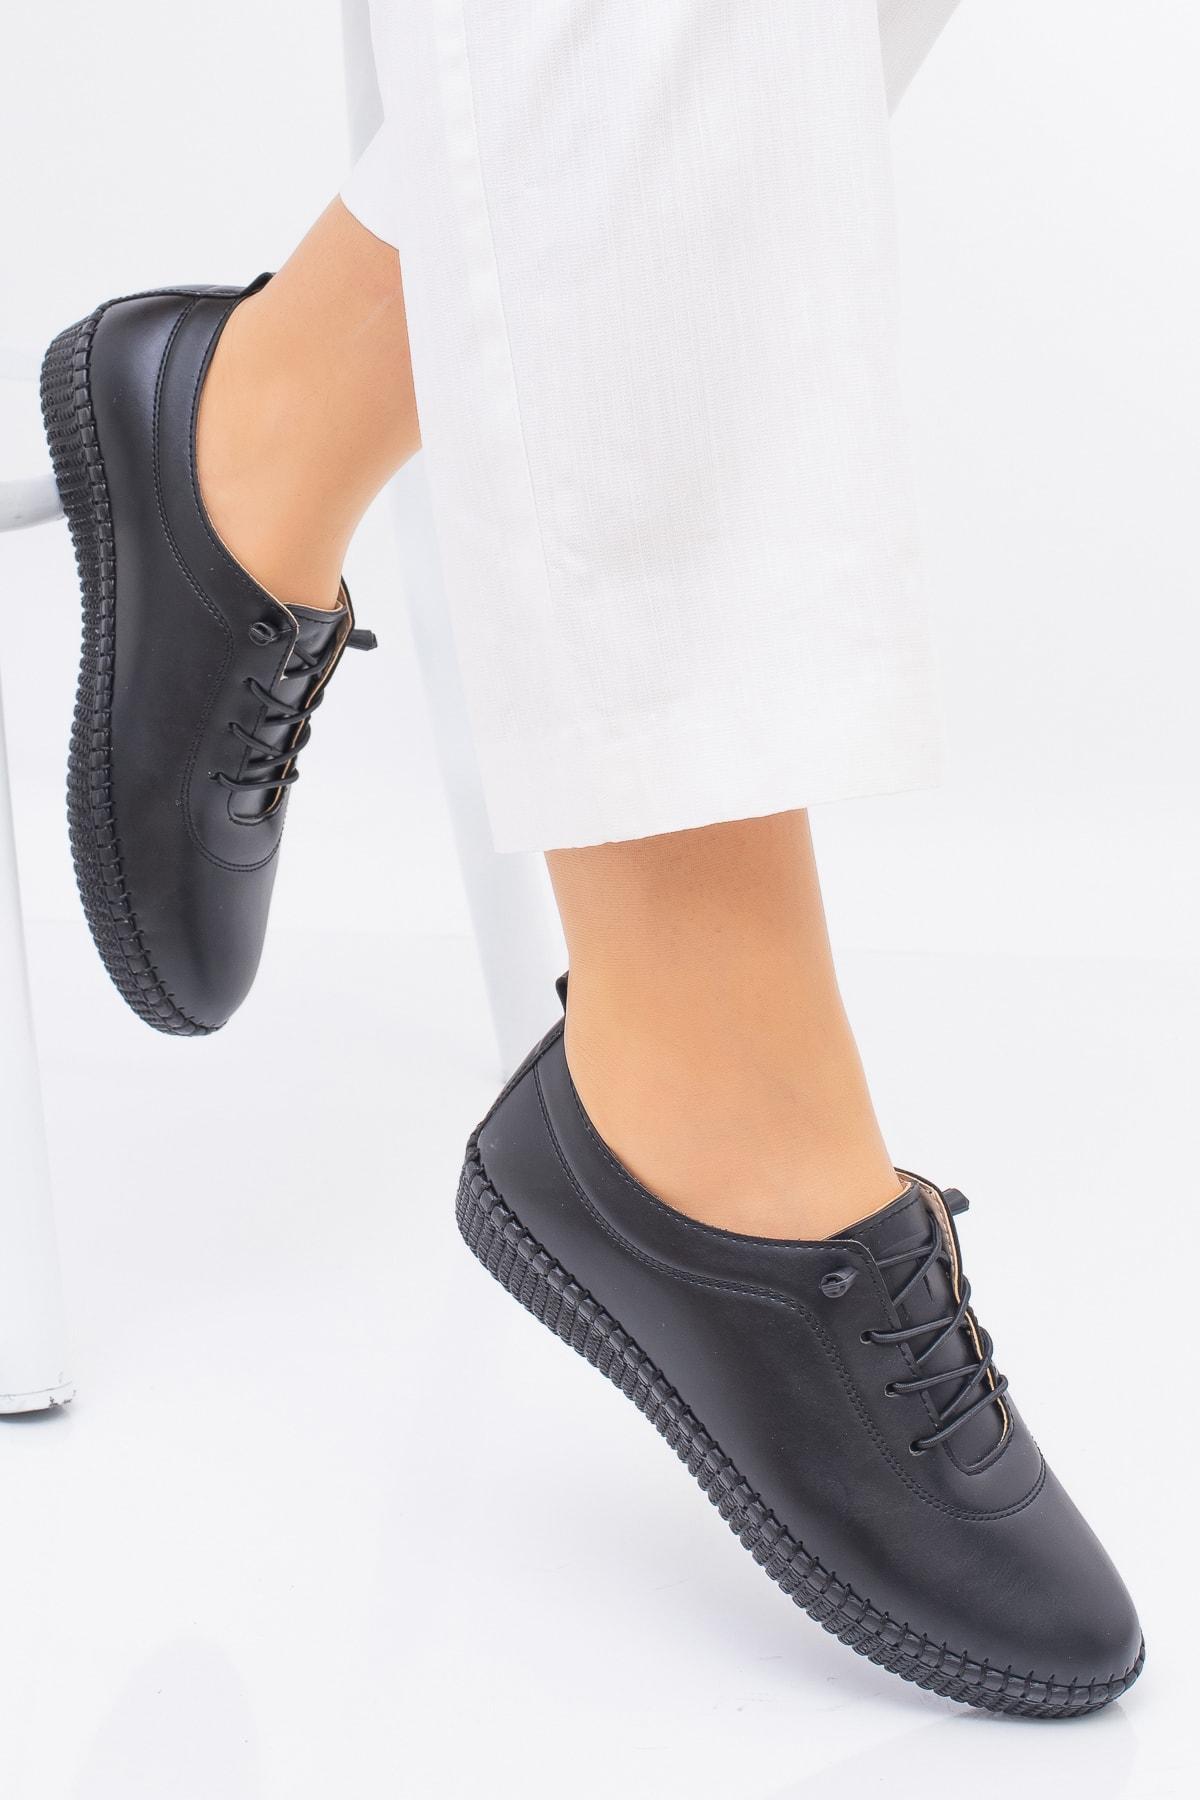 MelikaWalker Kadın Siyah Ortopedik Ayakkabısı 1